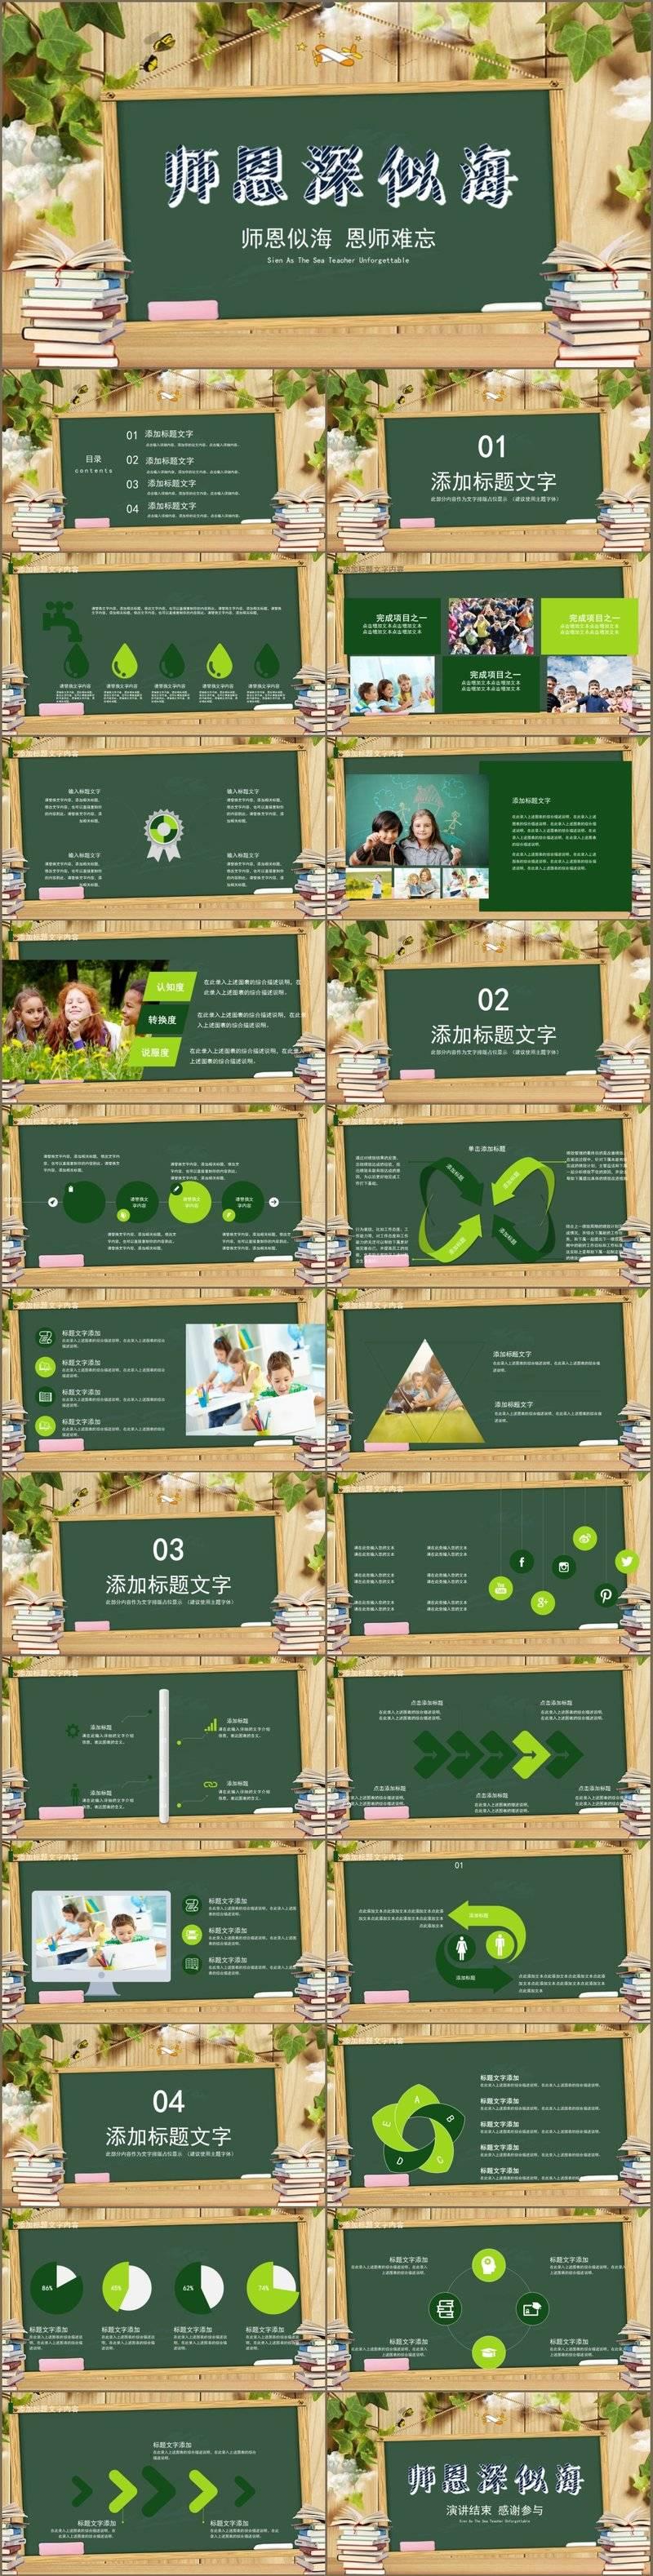 校园黑板风庆祝全体老师教师节快乐活动策划PPT模板